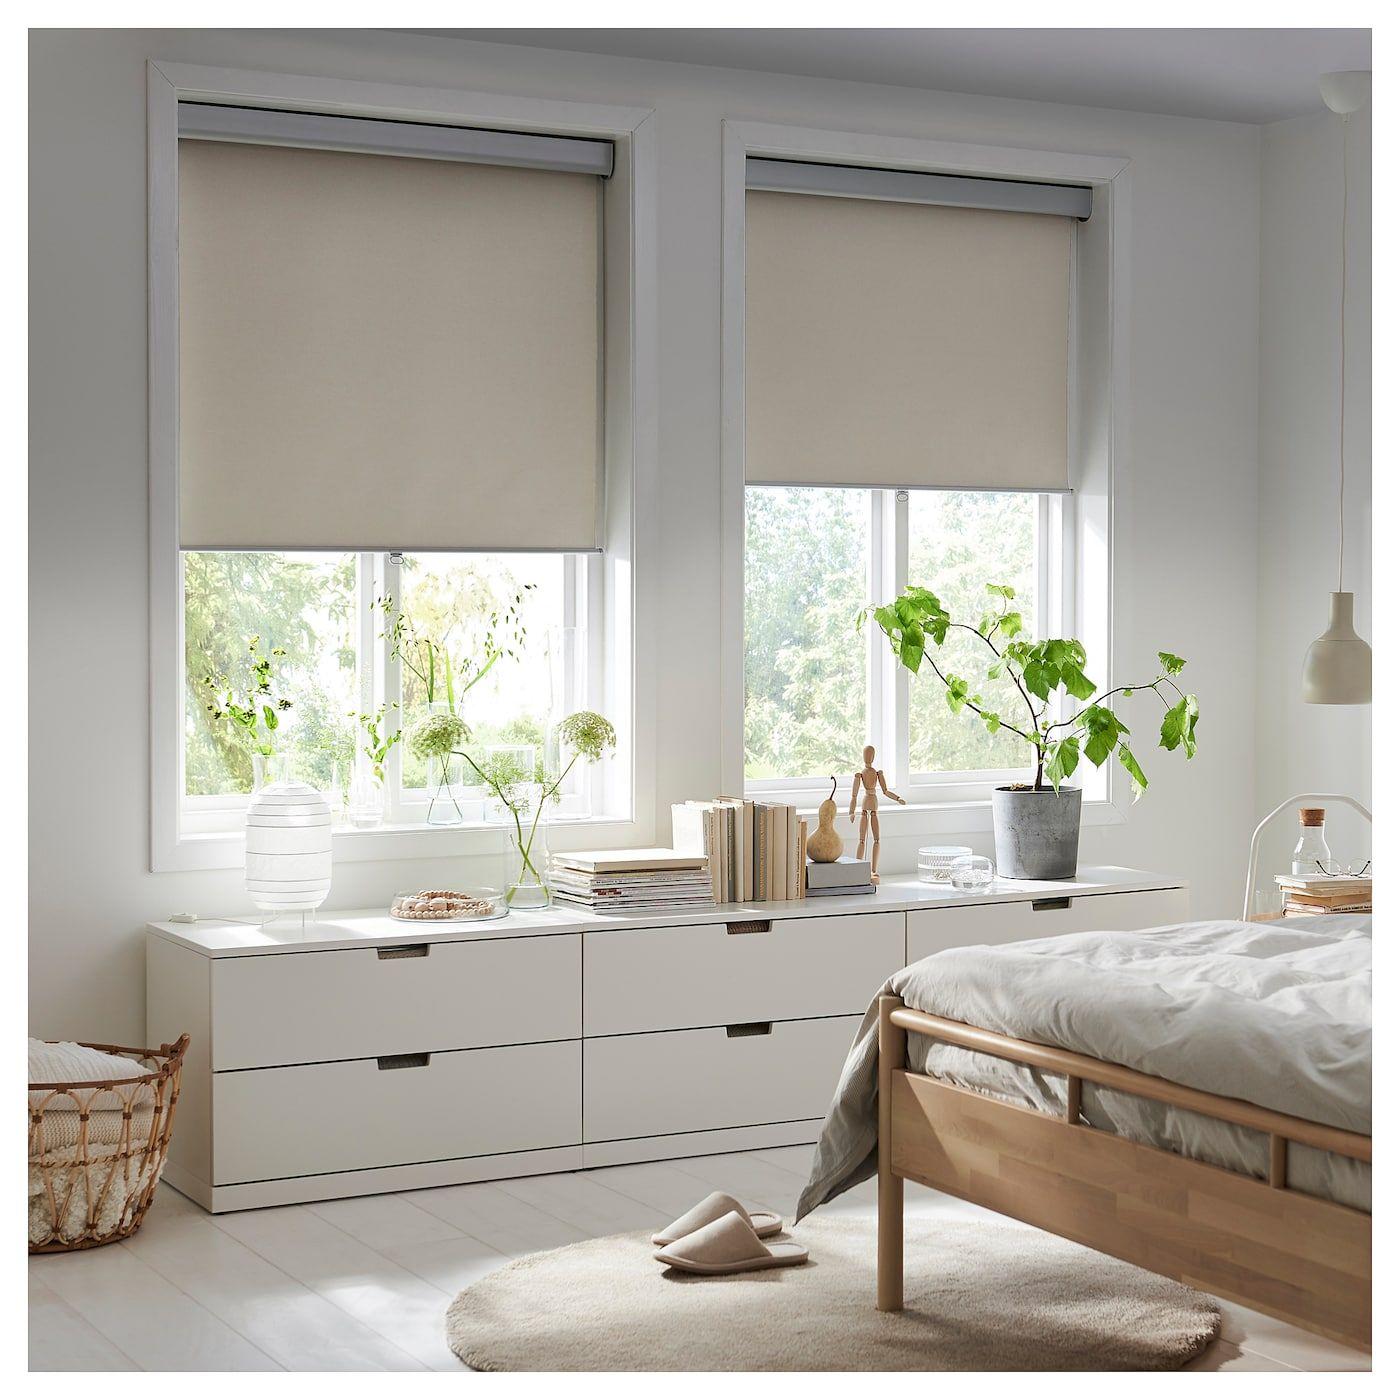 Ikea Nederland Interieur Online Bestellen Verduisterende Rolgordijnen Rolgordijnen Slaapkamer Rolgordijnen